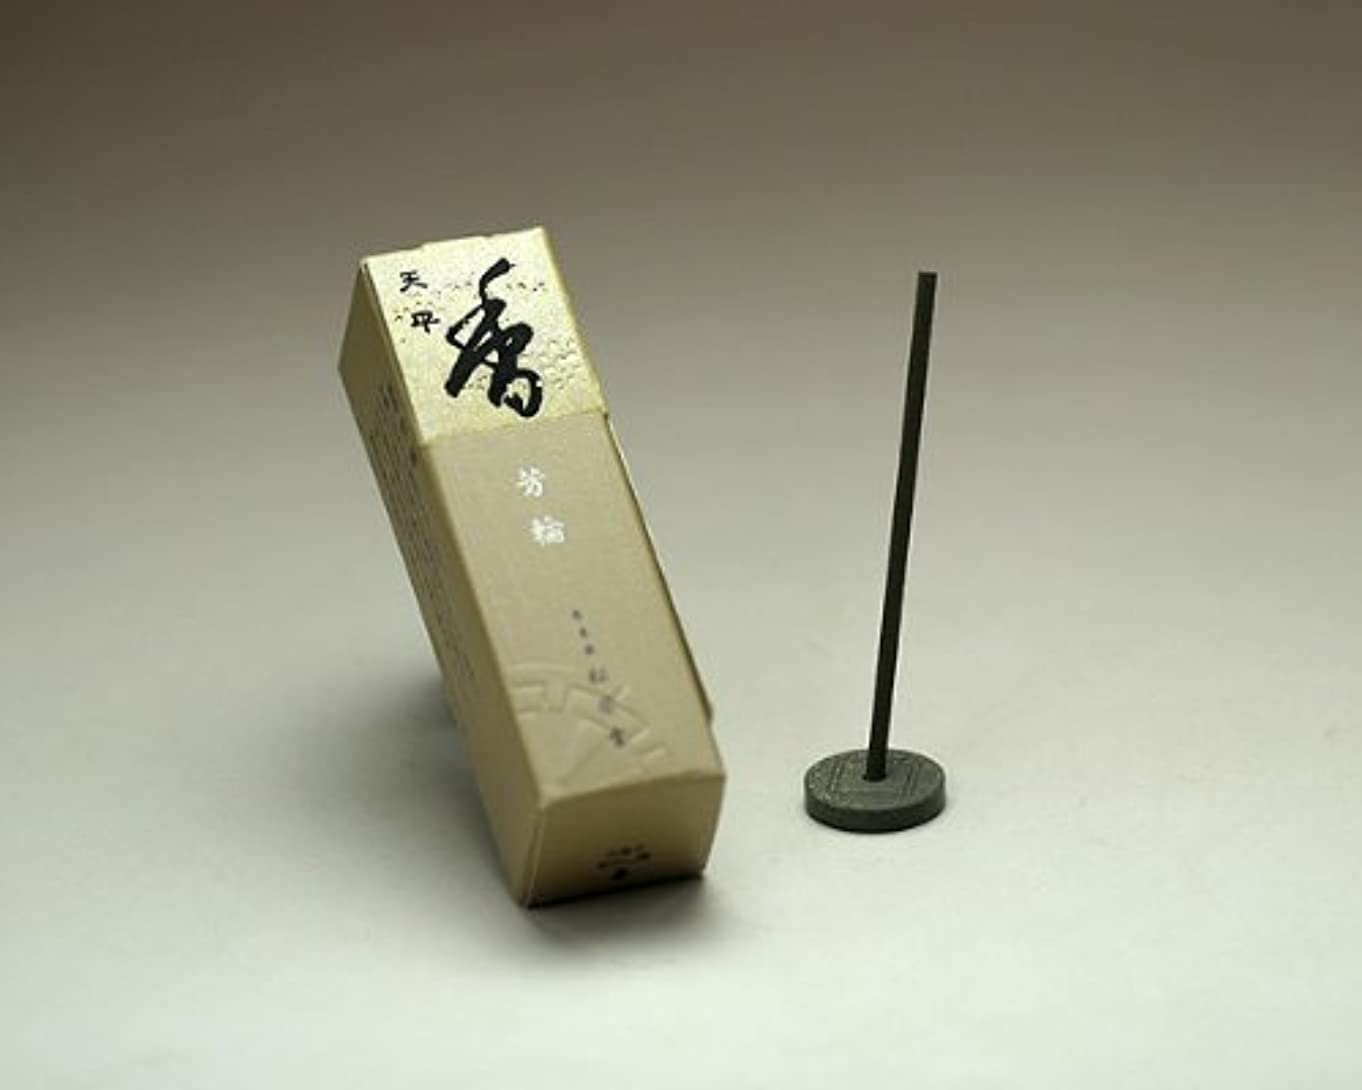 確執意見誘導銘香芳輪 松栄堂のお香 芳輪天平 ST20本入 簡易香立付 #210523